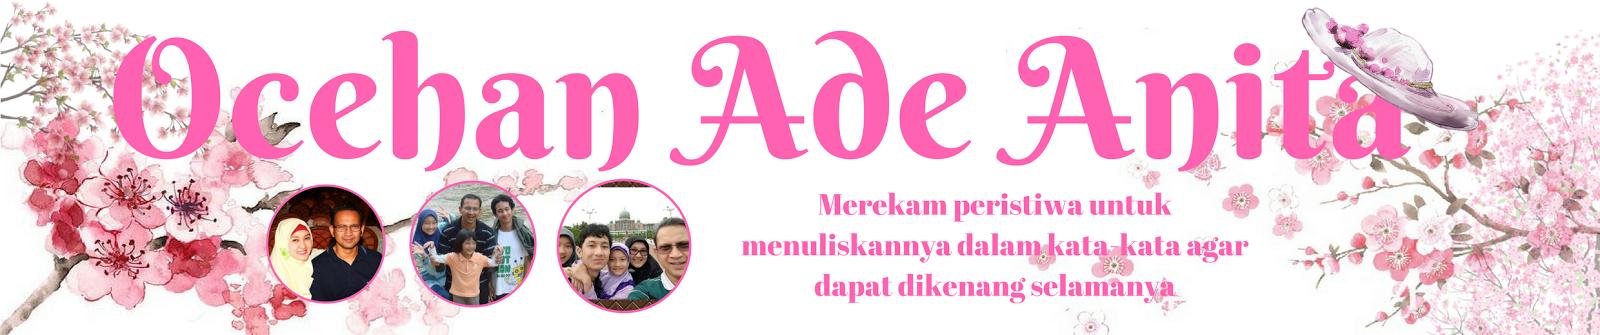 Ocehan Ade Anita